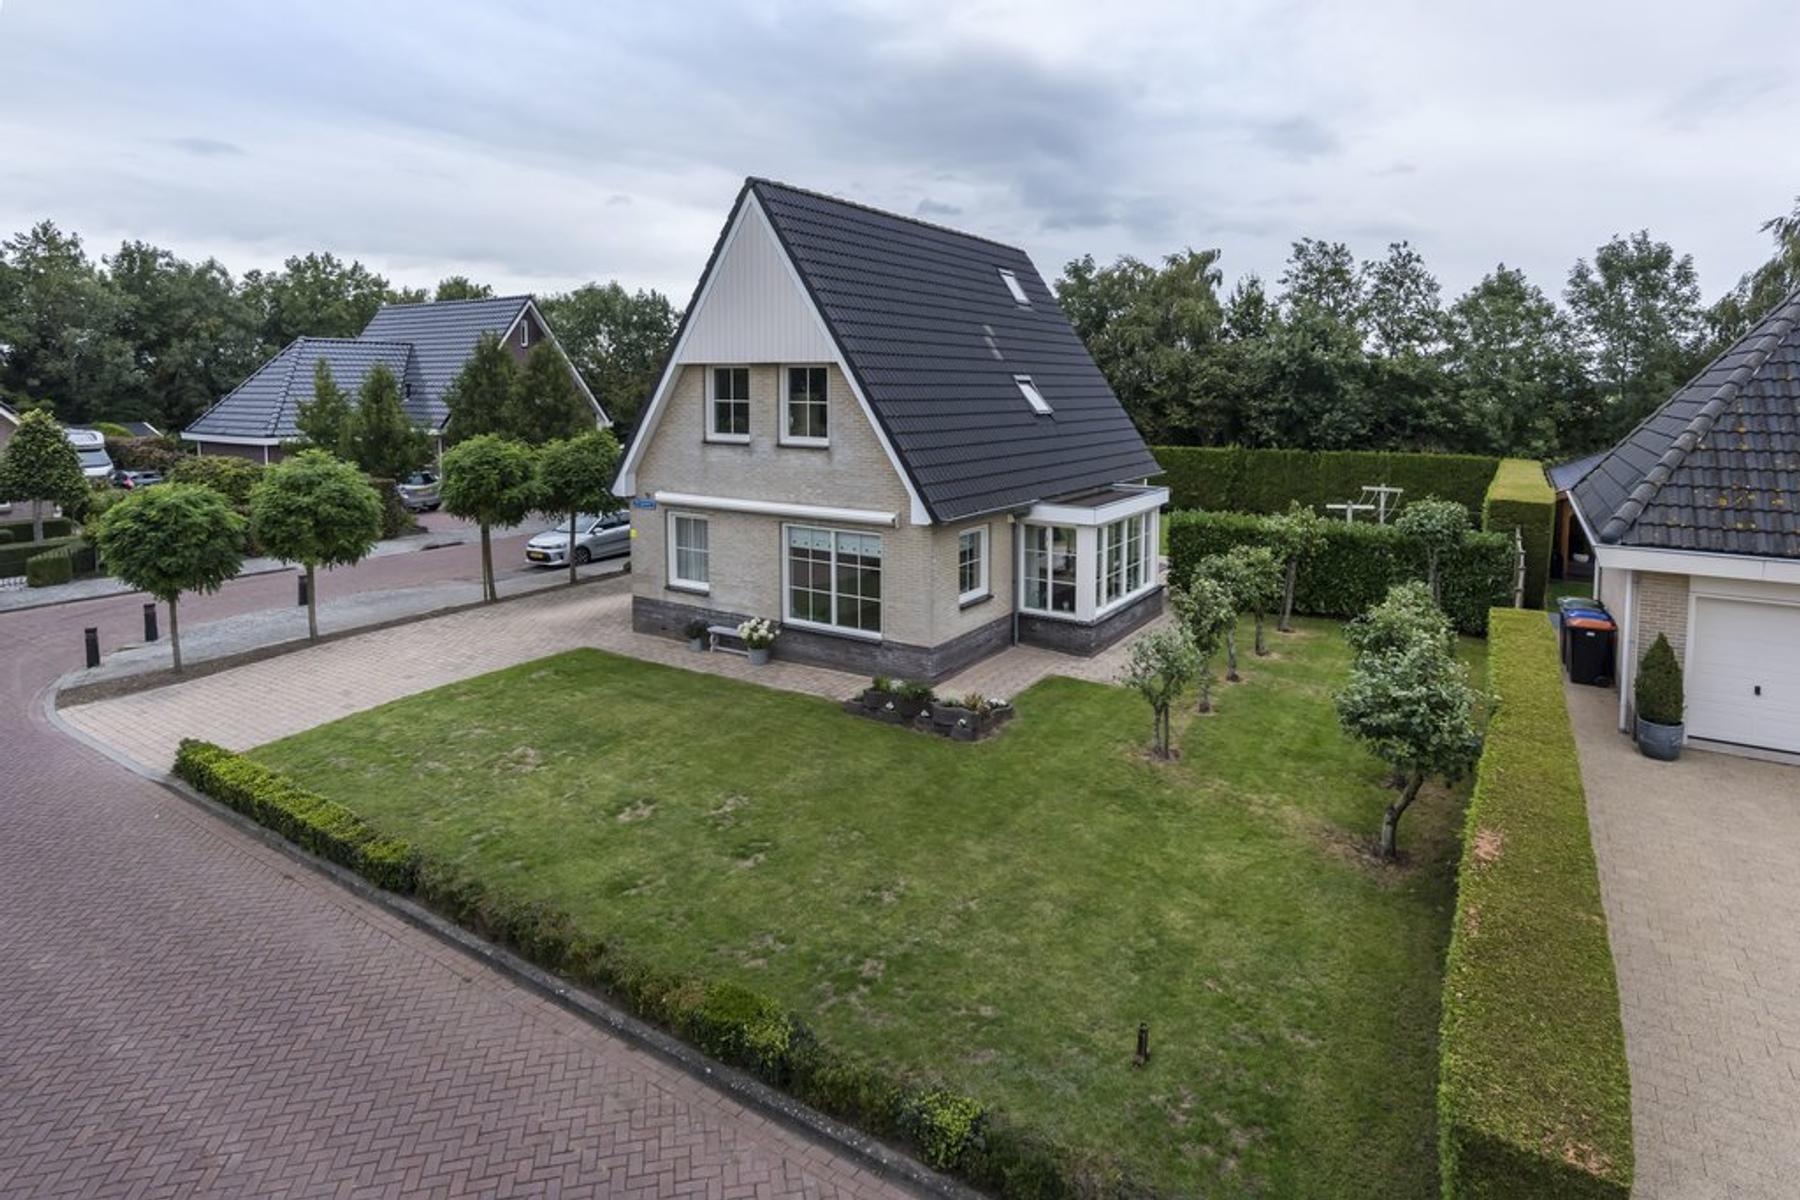 Bergamot 12 in Rutten 8313 BG